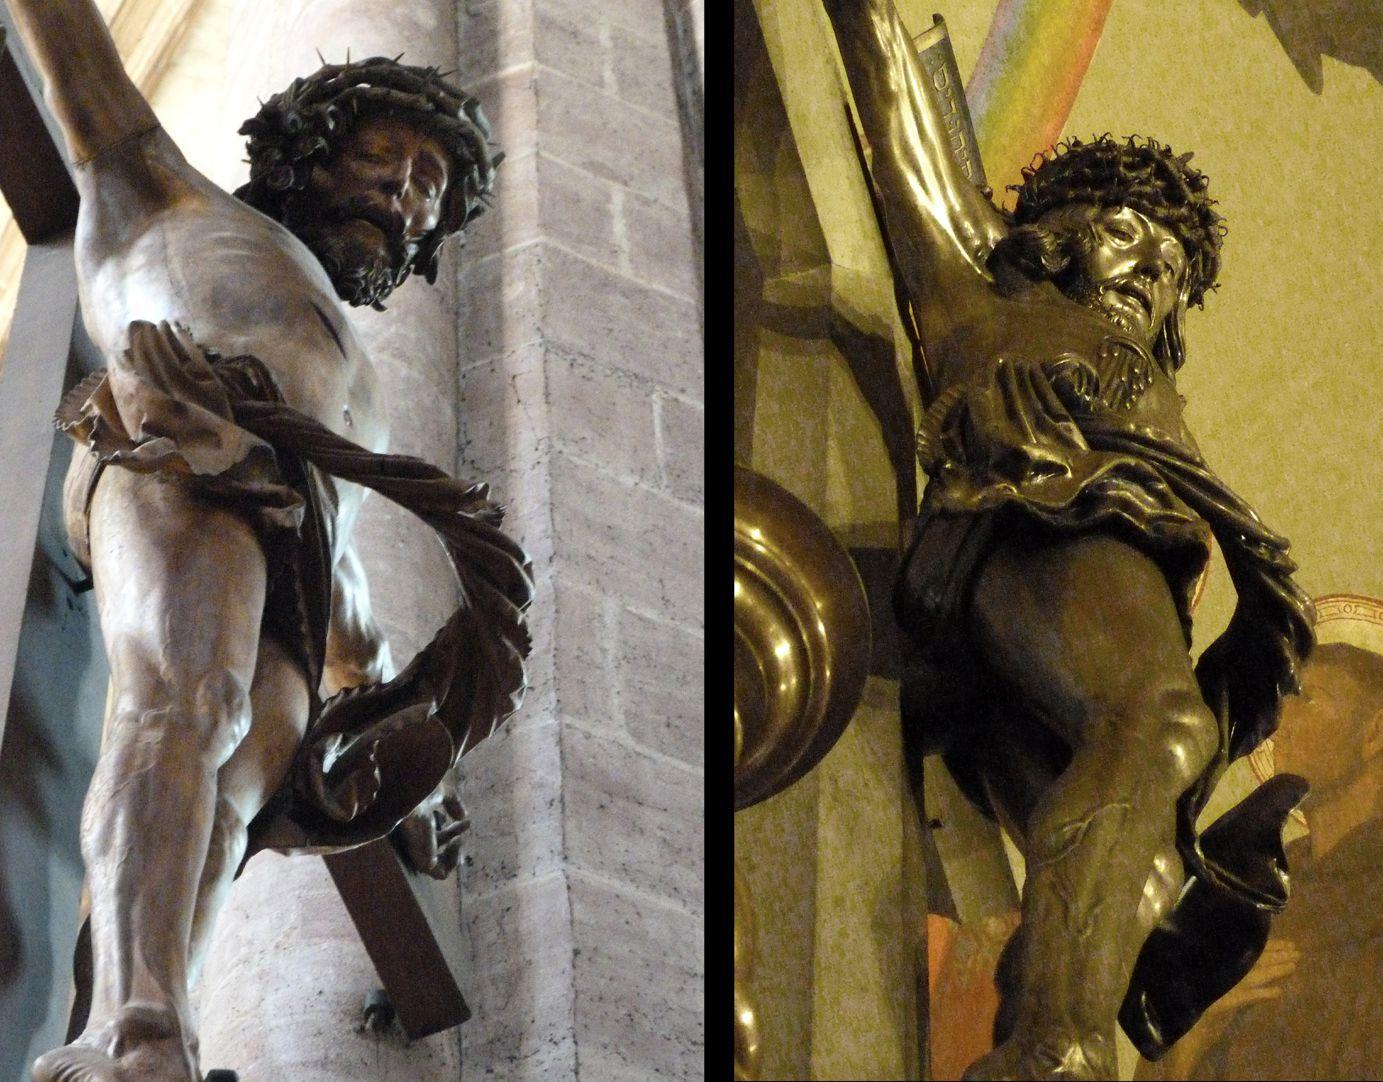 Kruzifix Gegenüberstellung mit dem Kruzifix (1520) von Veit Stoss in St. Sebald, schräge Untersicht mit fliegendem Lendentuch